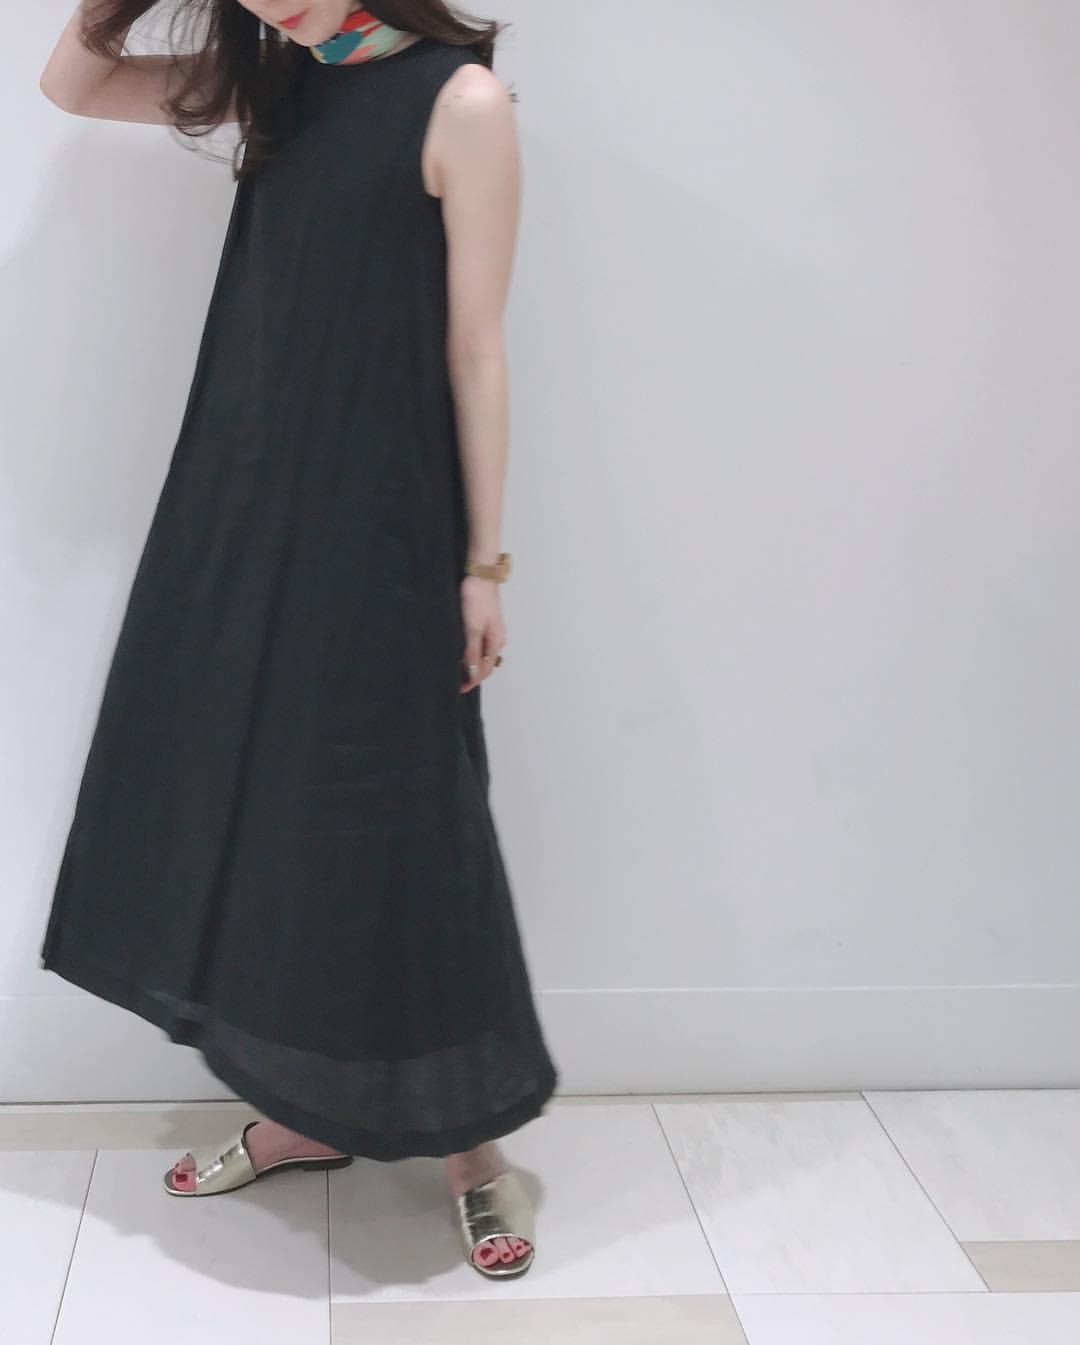 最高気温25度・最低気温14度 hikari_k0122の服装